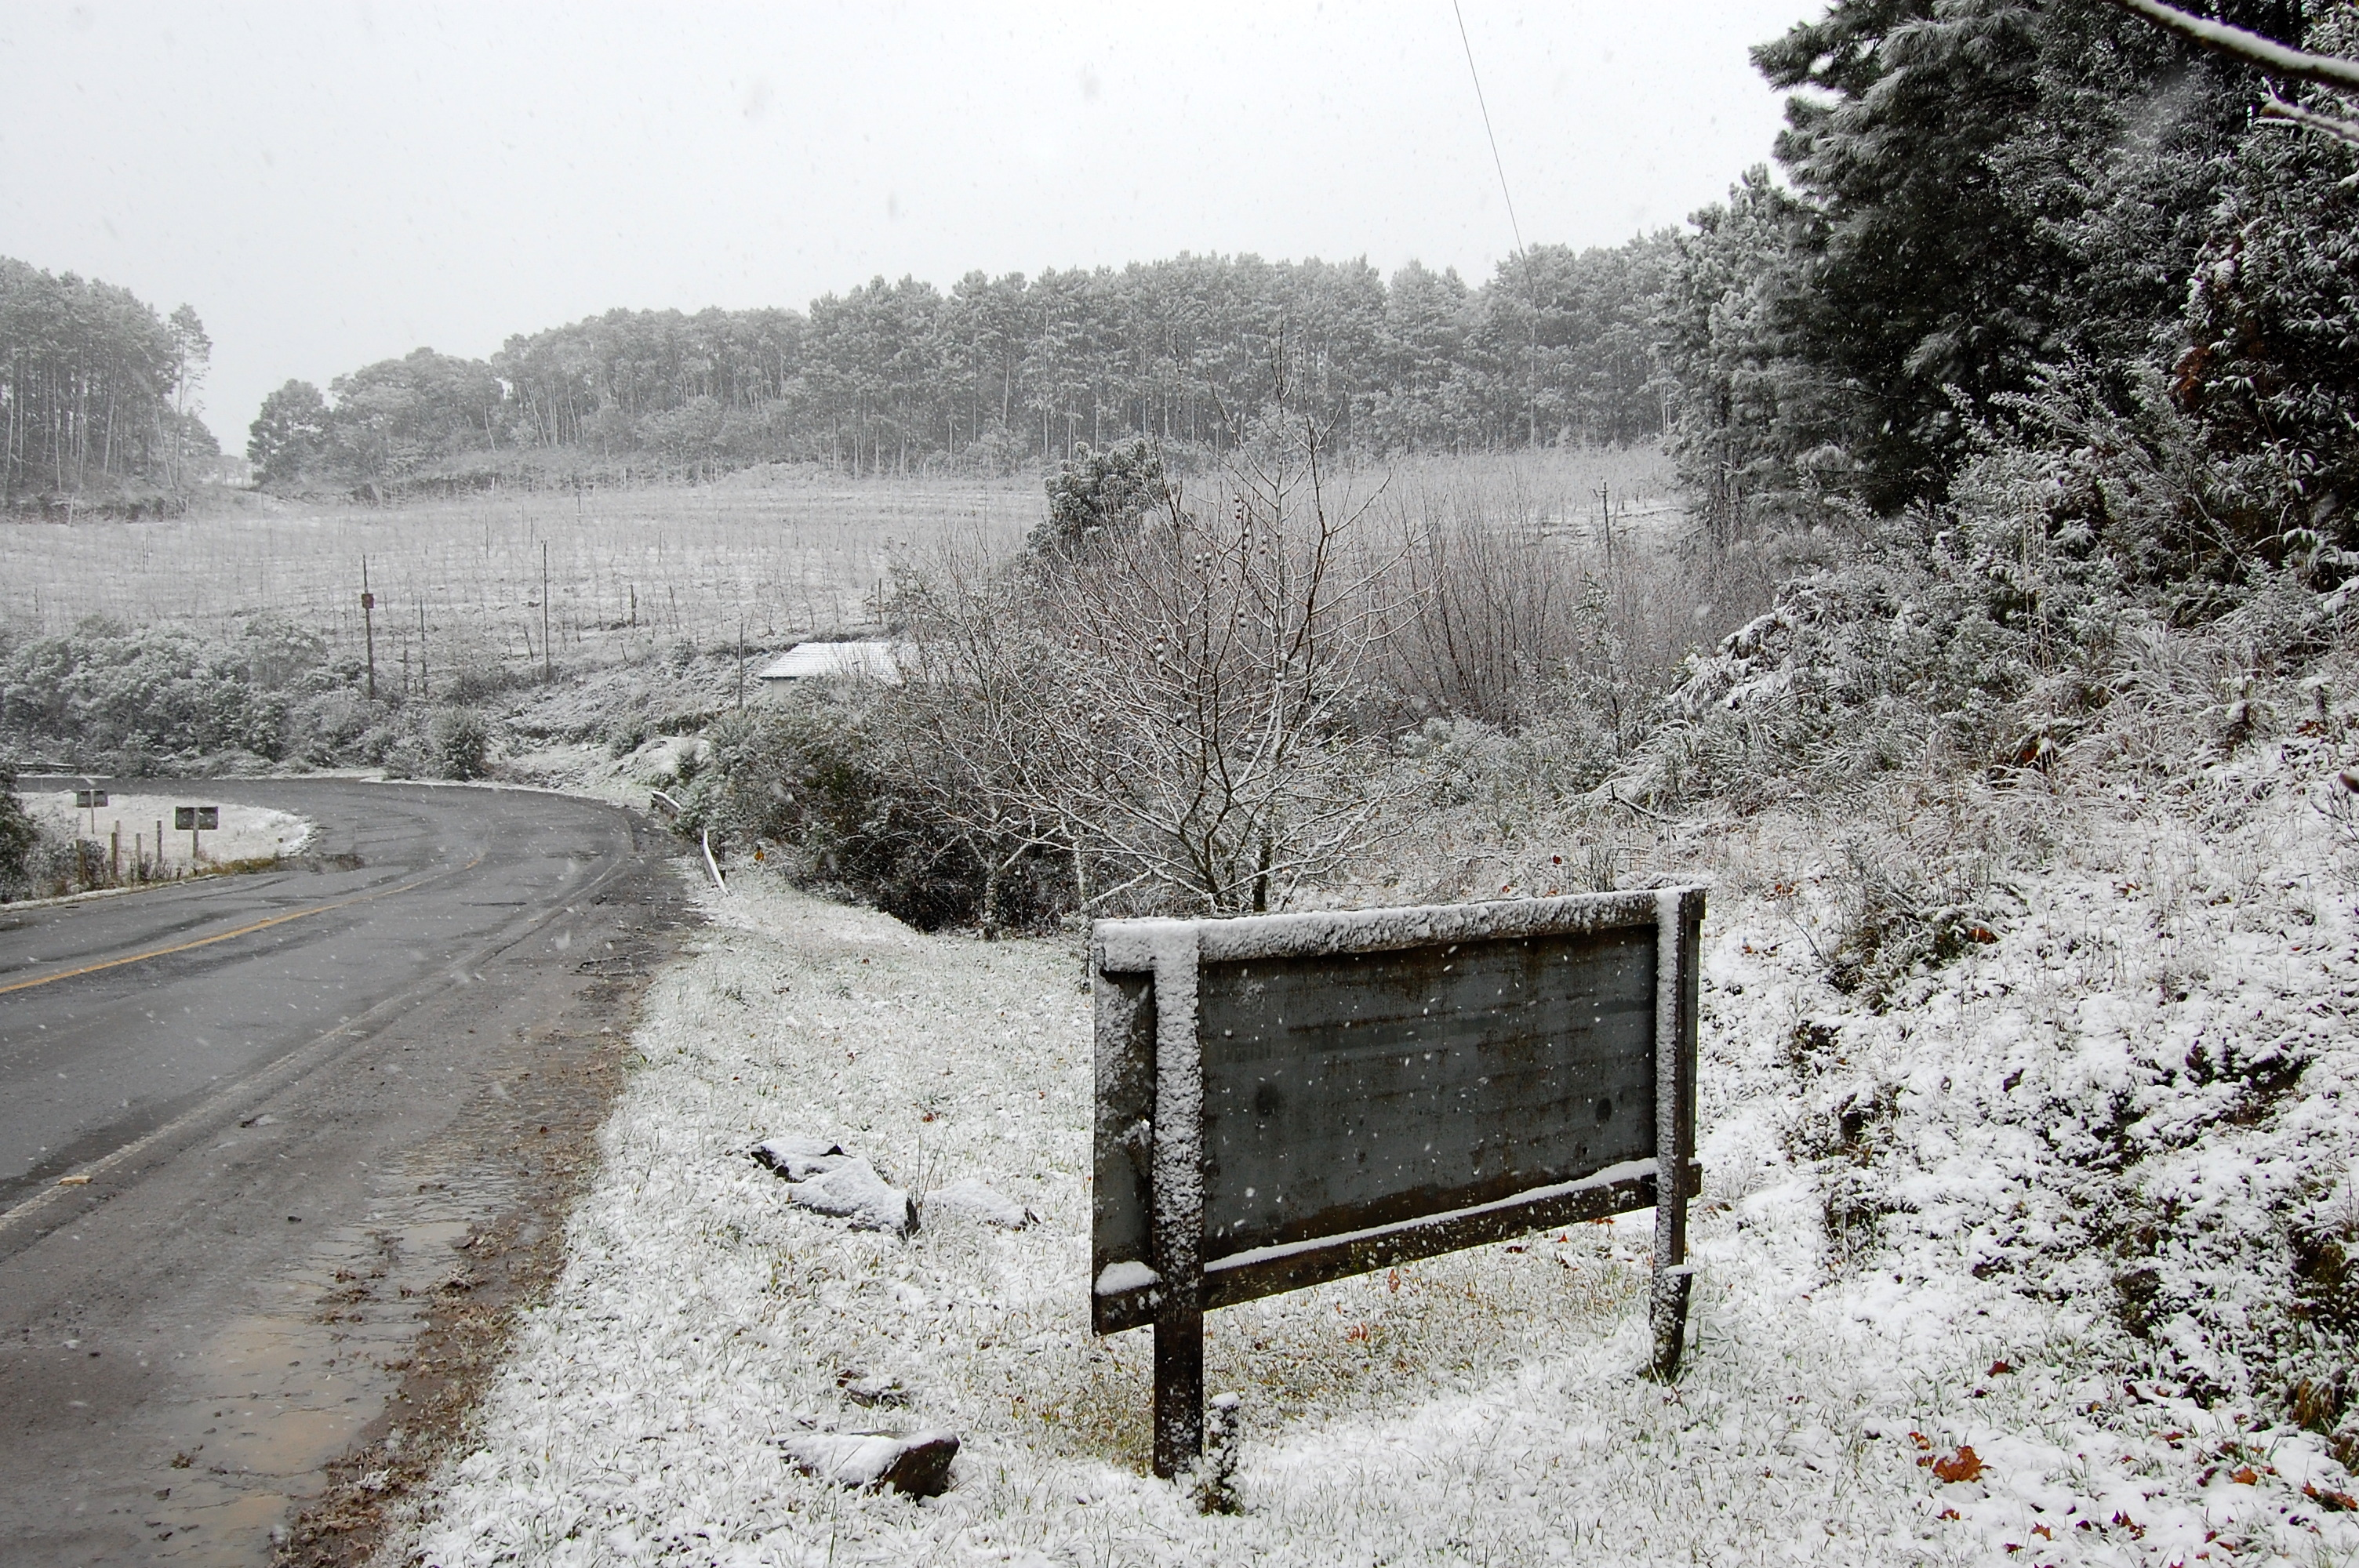 neve em são joaquim, santa catarina - a cidade mais fria do brasil